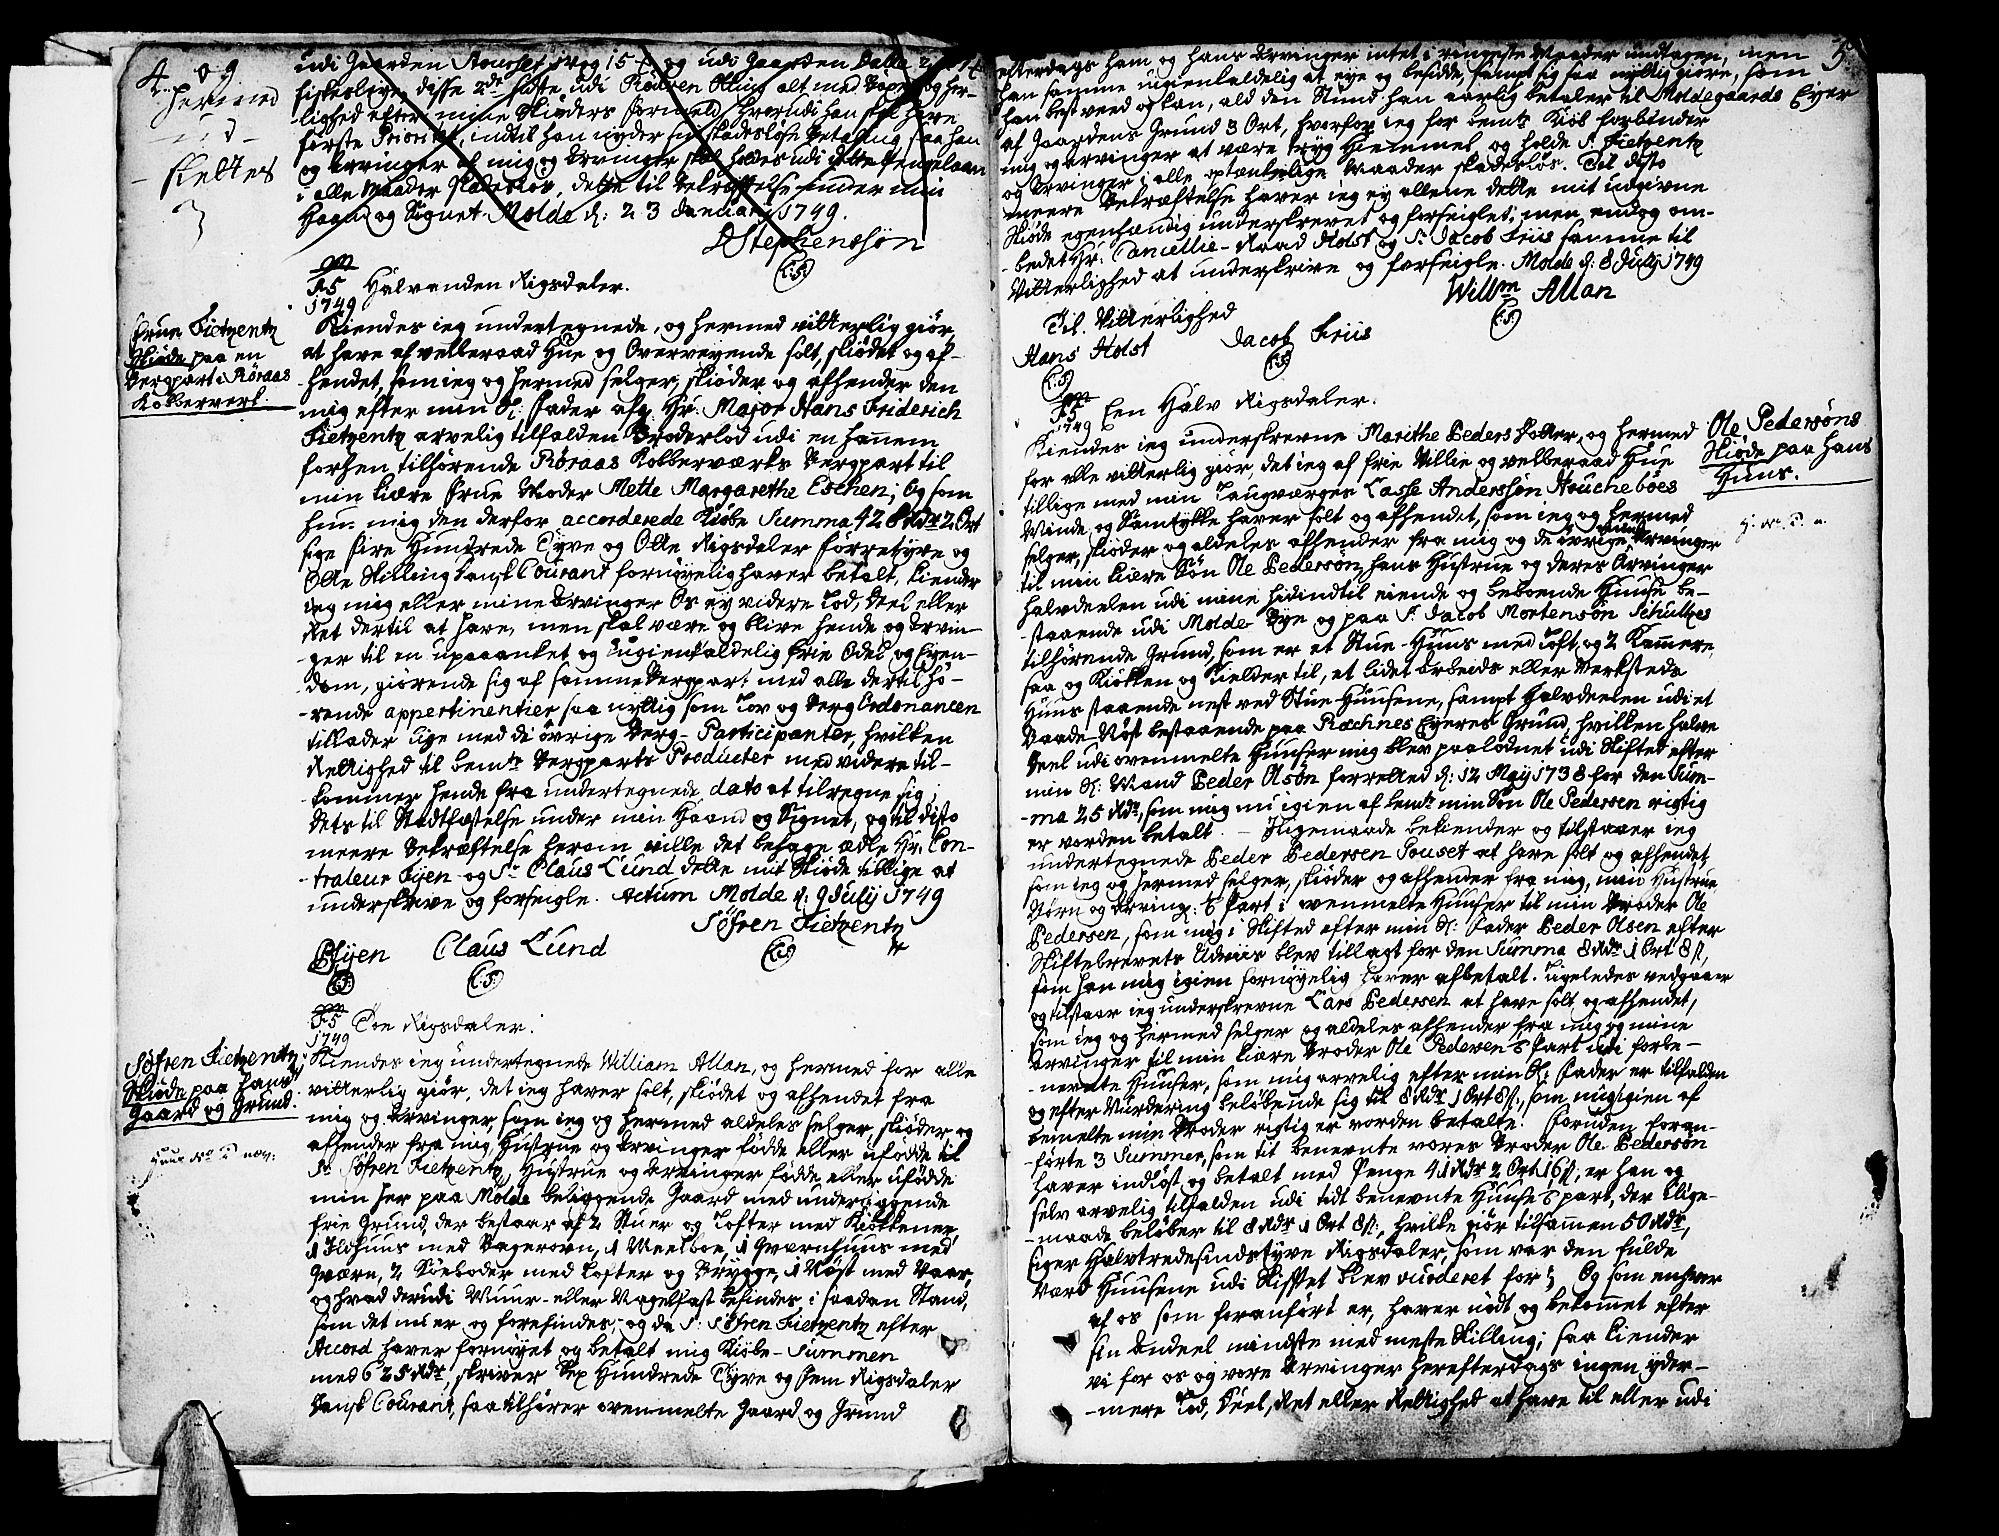 SAT, Molde byfogd, 2/2C/L0001: Pantebok nr. 1, 1748-1823, s. 4-5